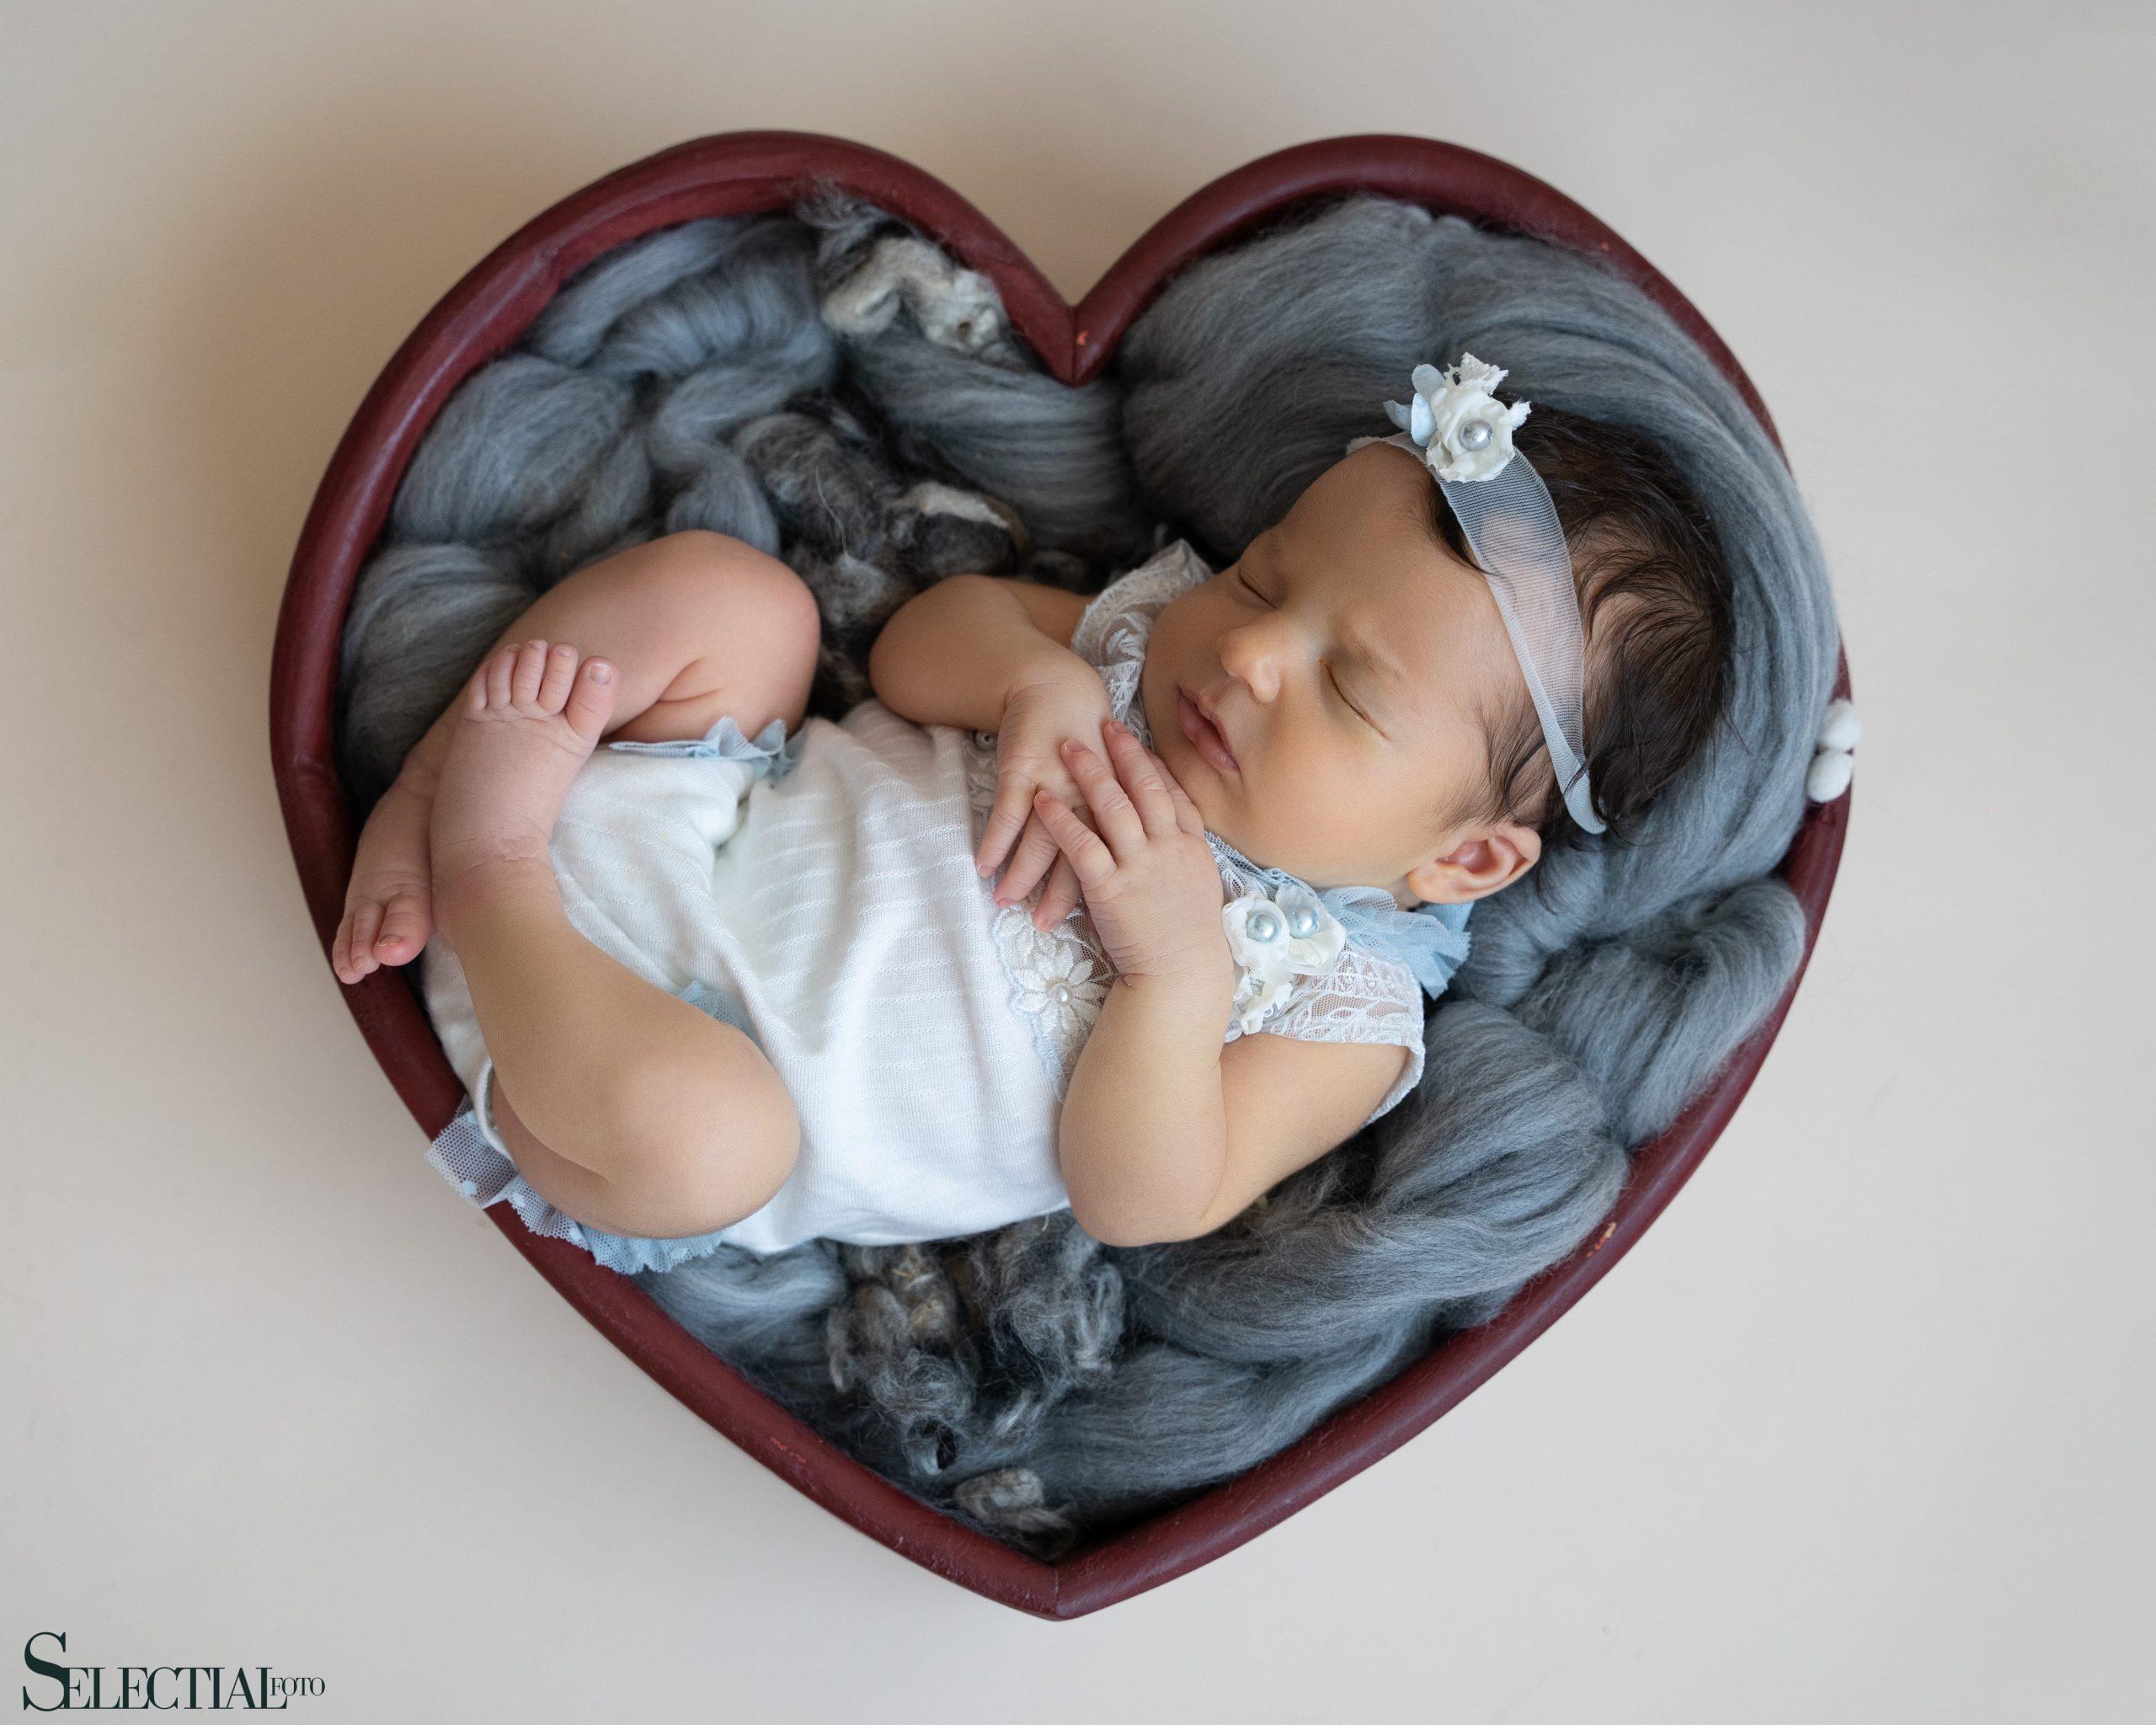 Foto_Newborn_Selena_J_Portofolio-12